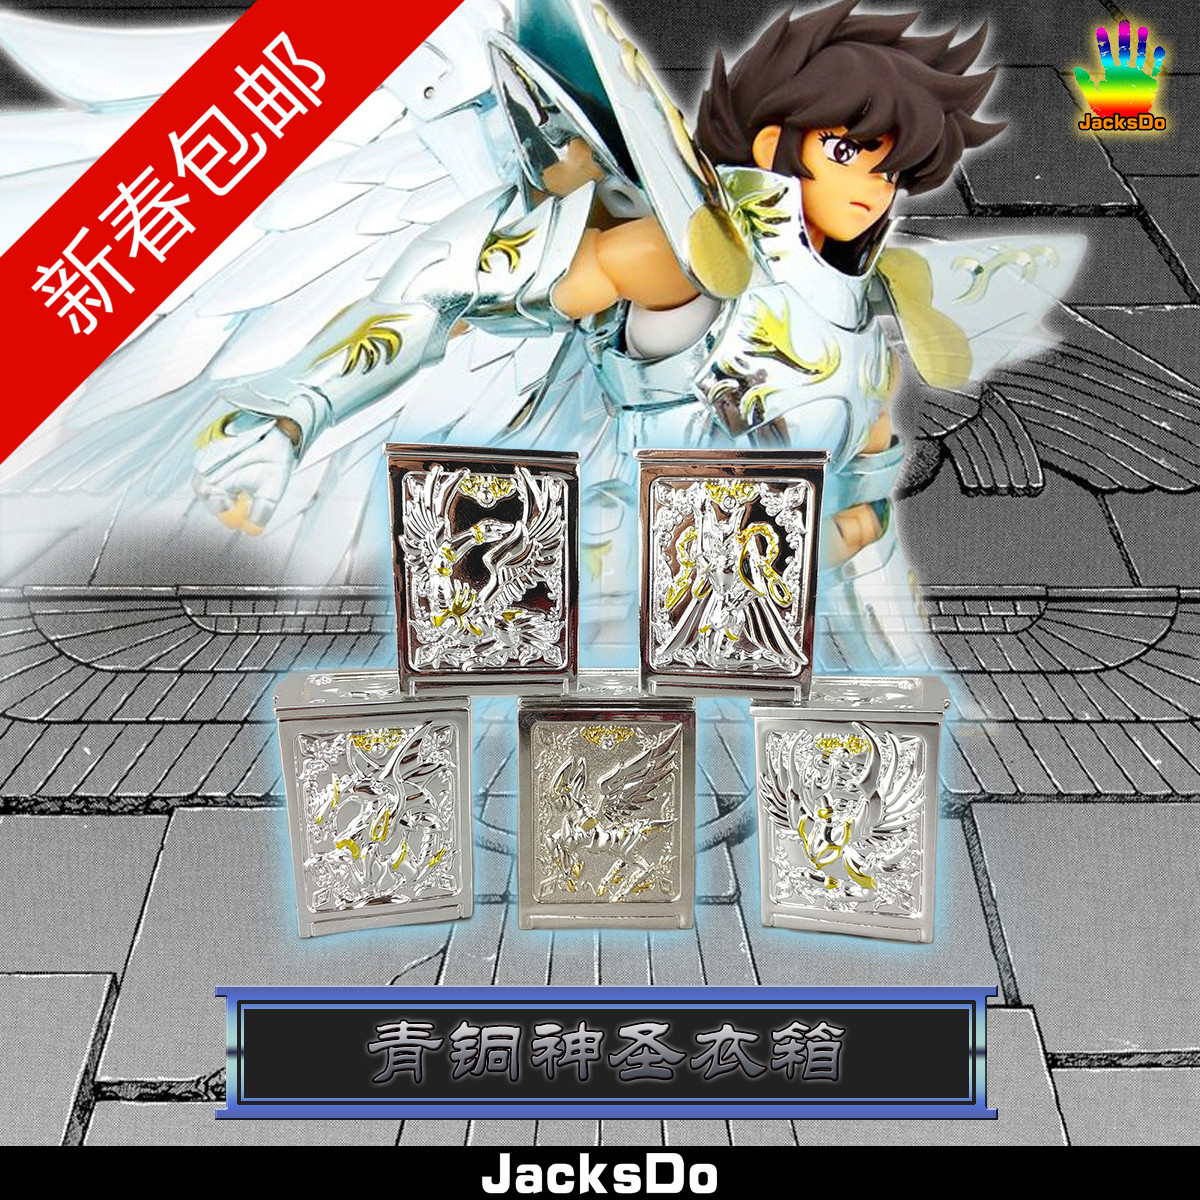 JacksDo бог пять небольшой сильный святой одежда коробка бог пегас бог день дракона бог белый птица бог фея бог феникс